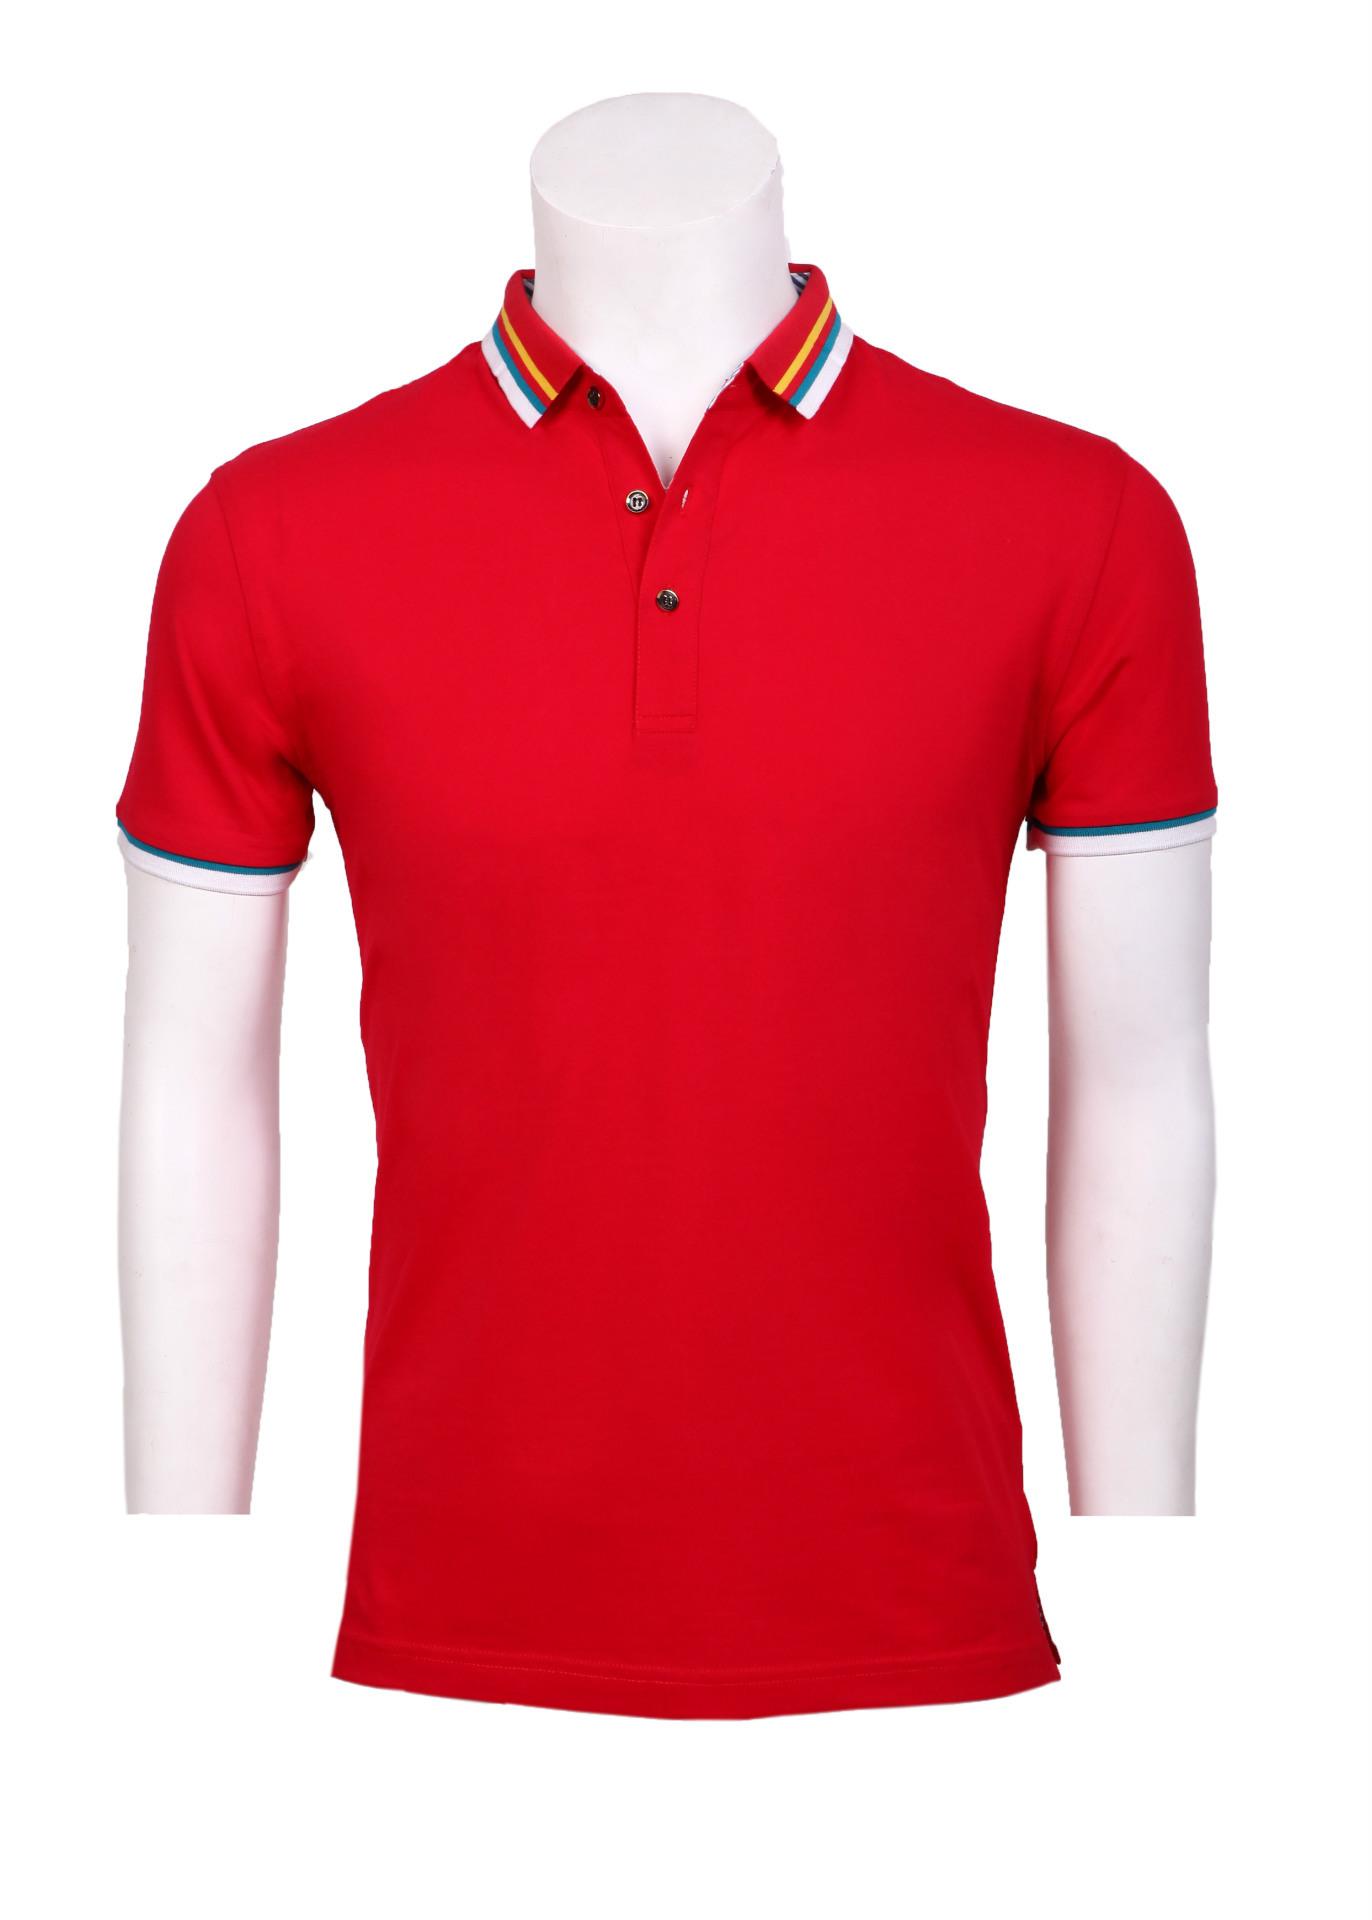 订做T恤需要注意哪些?怎么穿搭更得体?